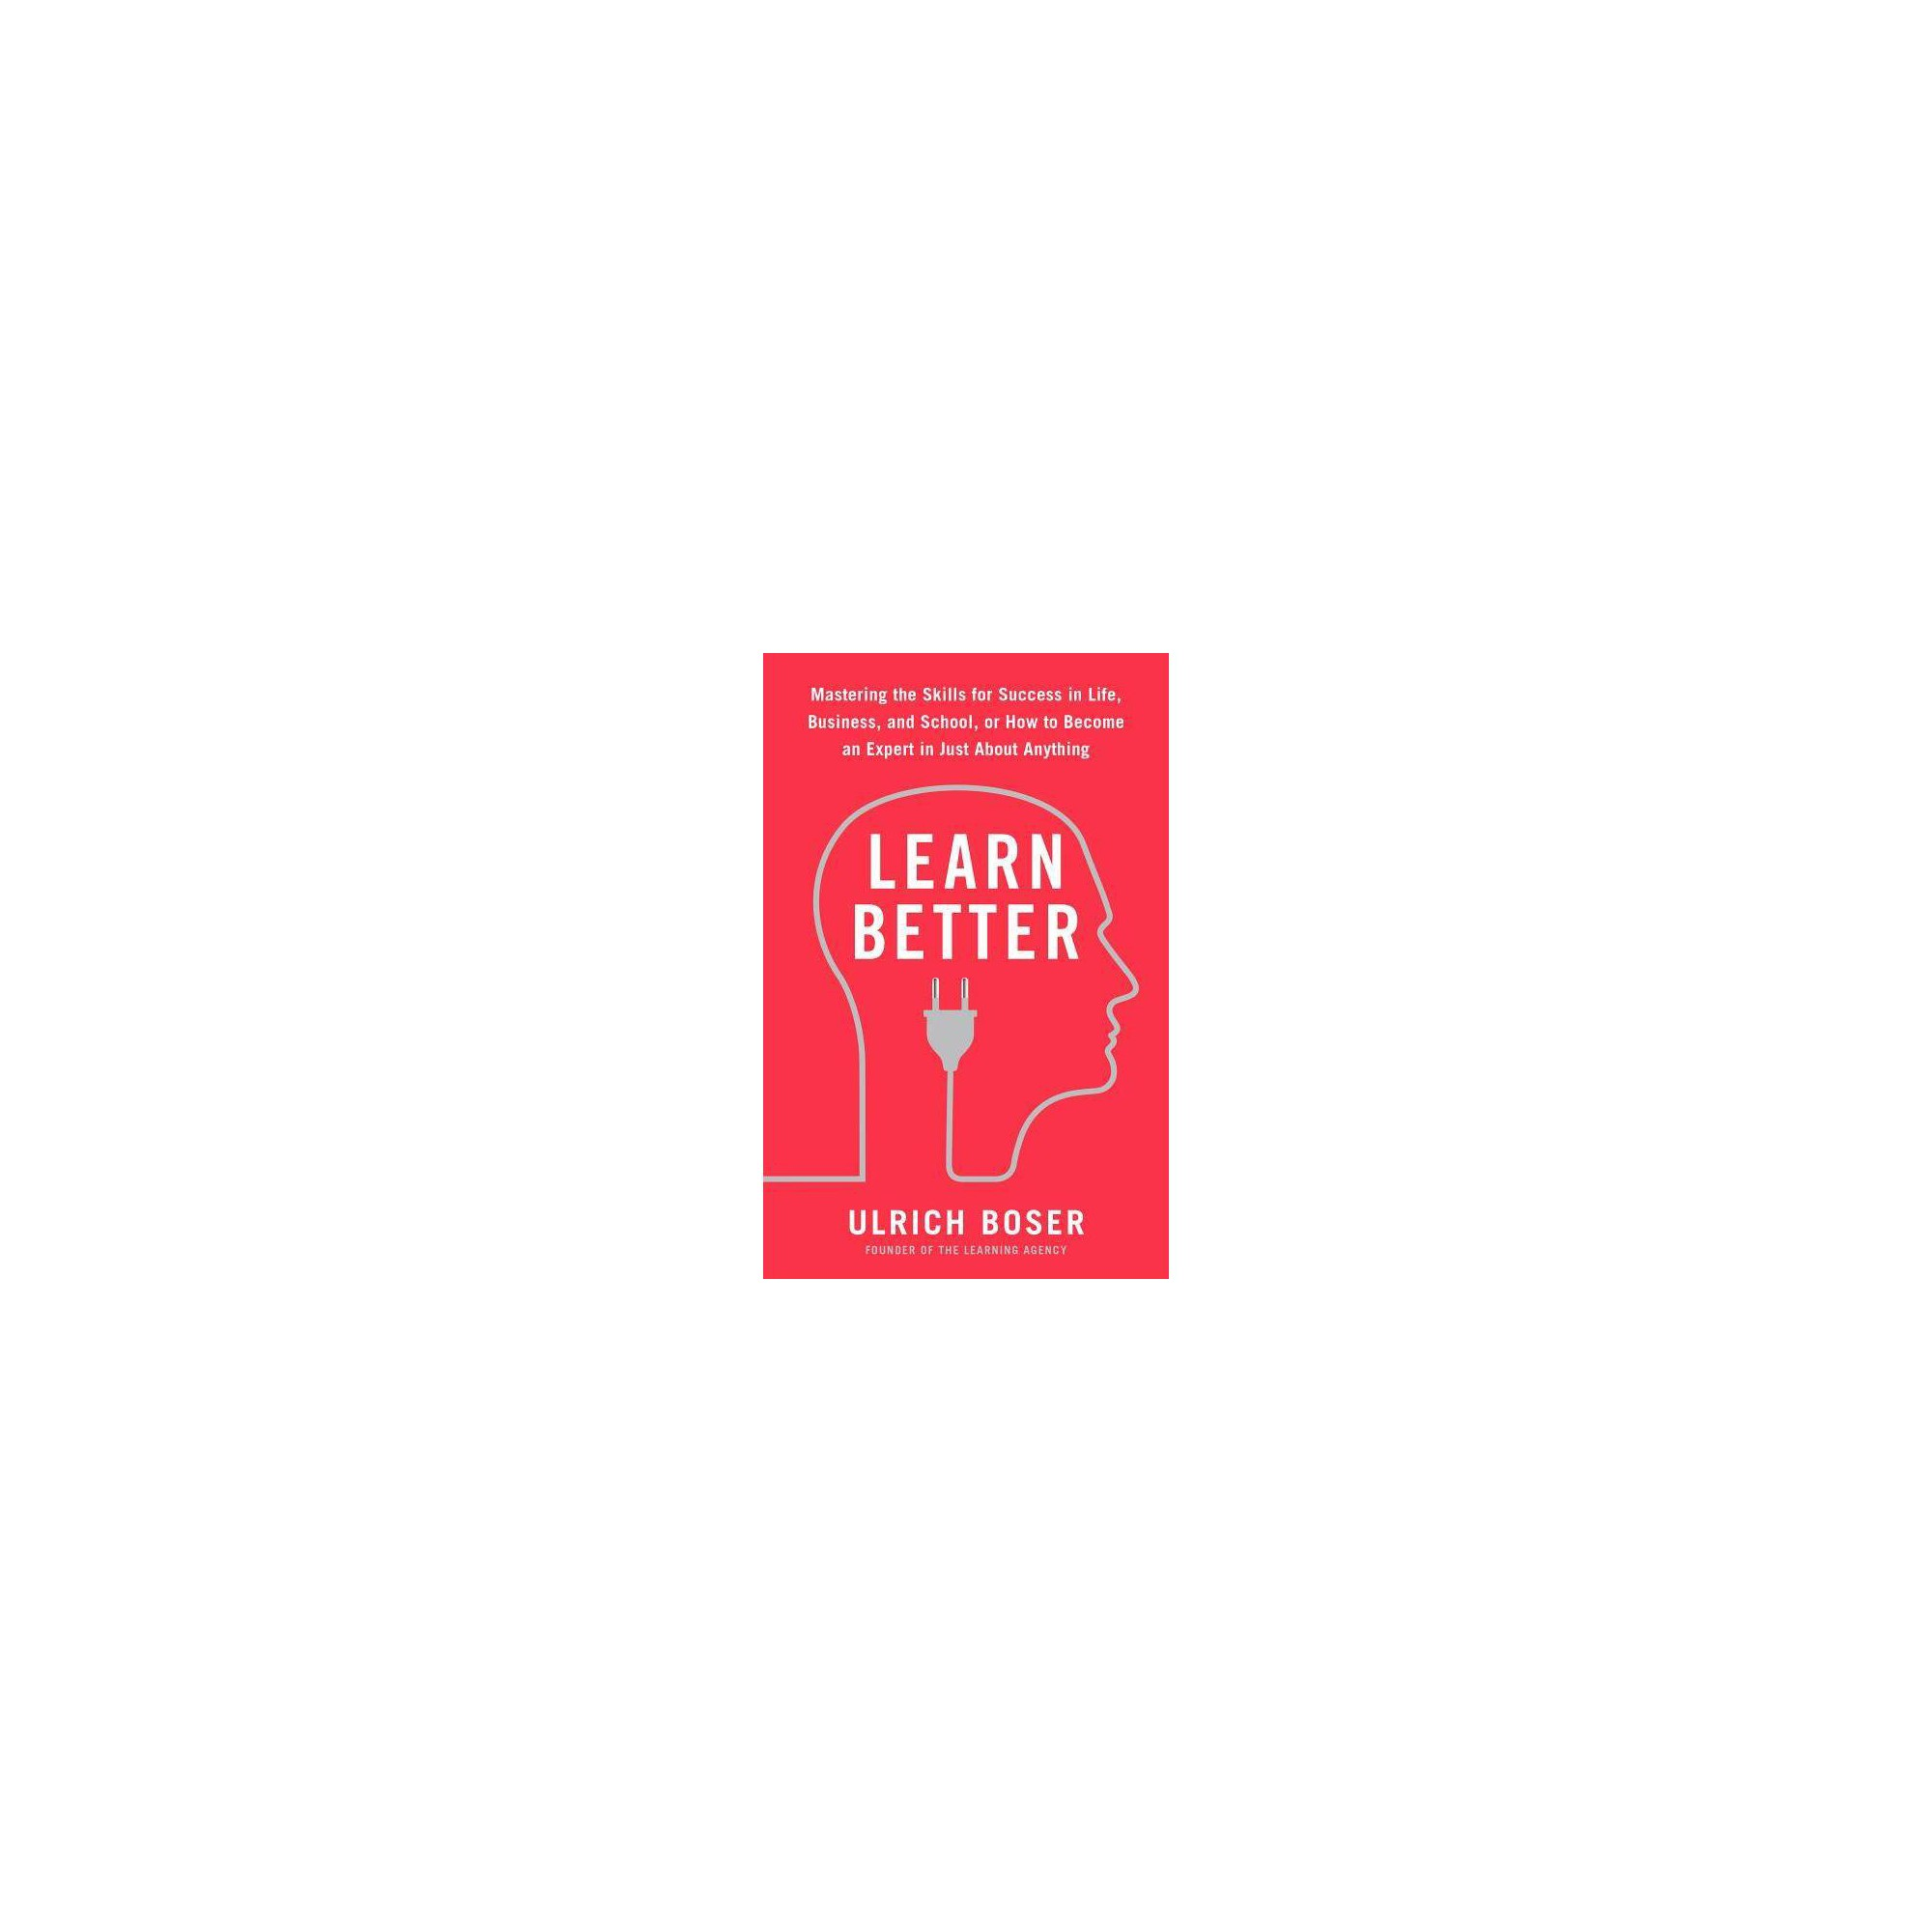 Learn Better - by Ulrich Boser (Paperback)